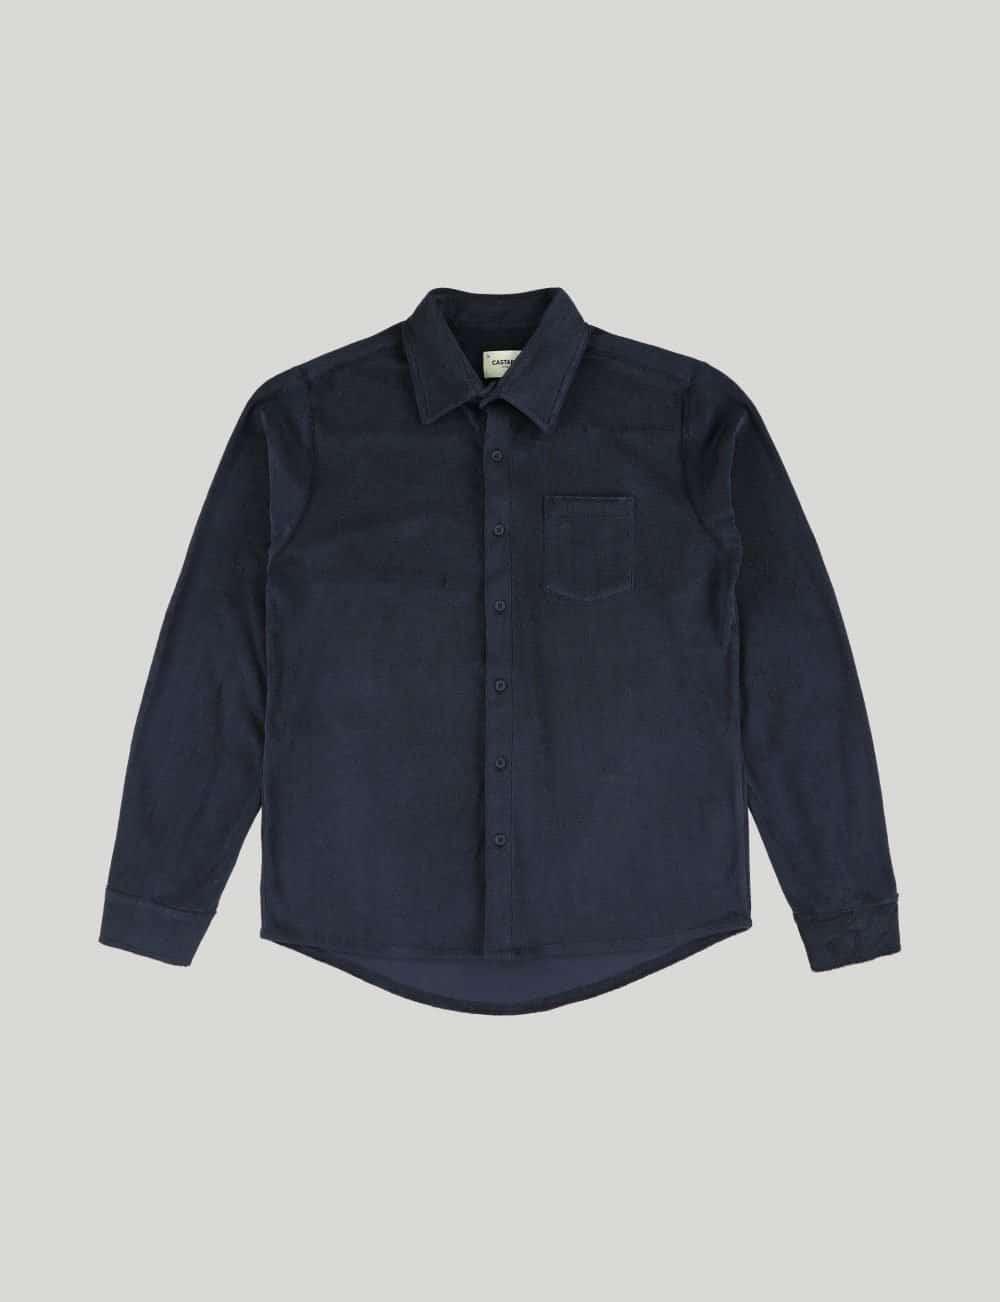 Castart - Reisht Shirt - Navy